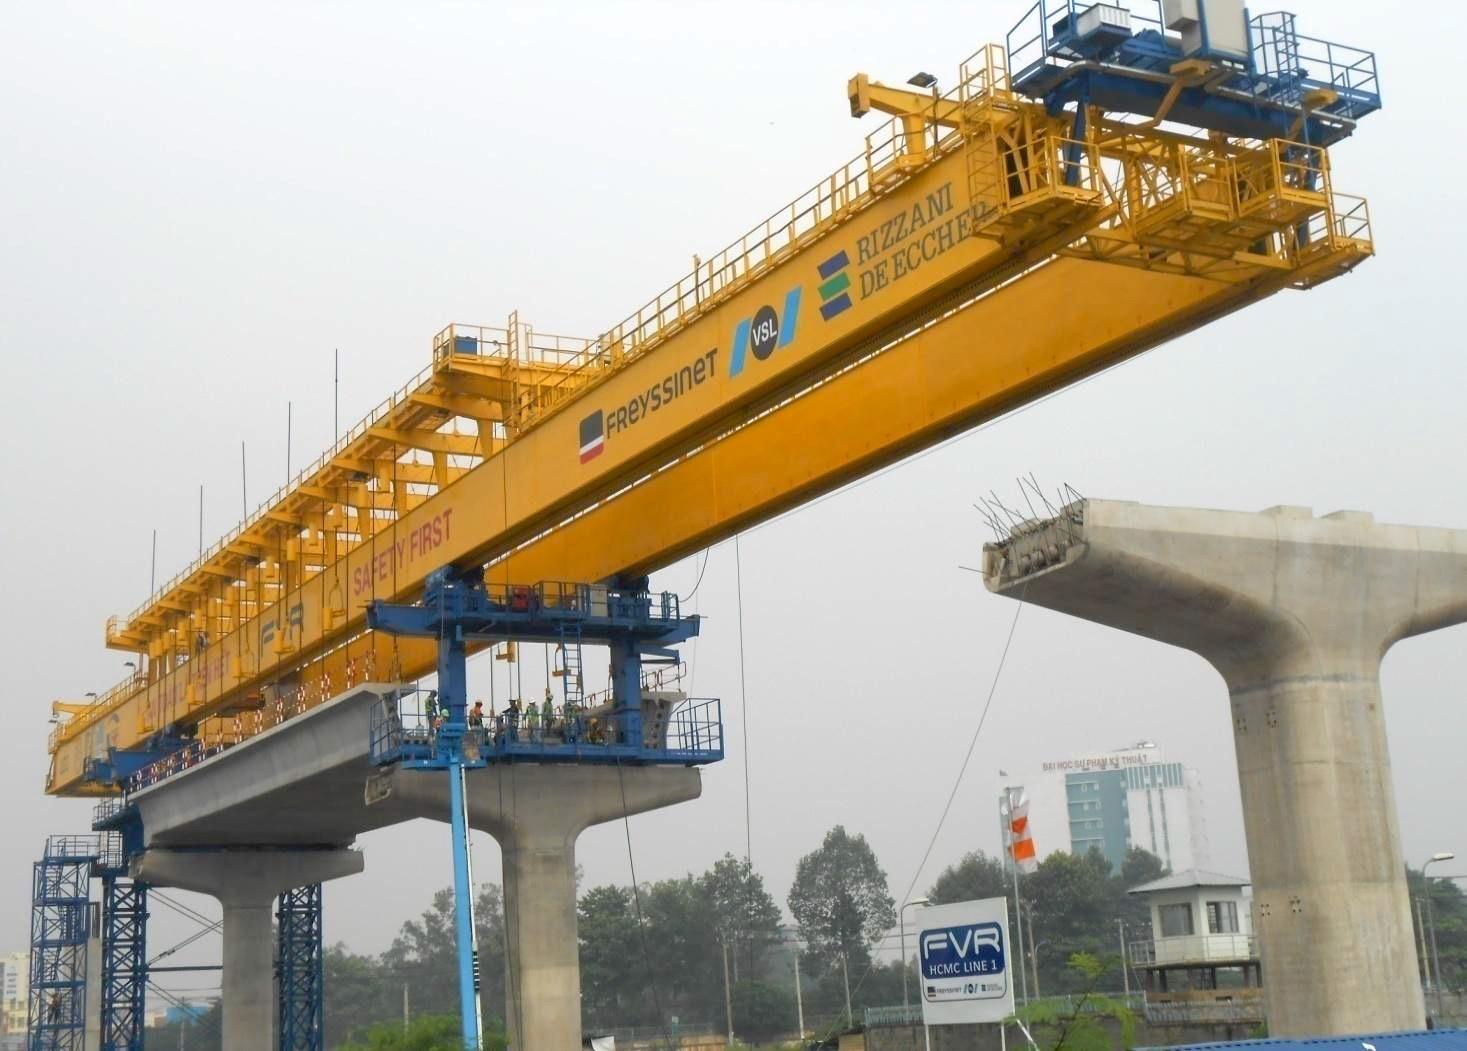 Dự án Metro Bến Thành - Suối Tiên có tổng vốn 2,49 tỷ USD (hơn 47.000 tỷ đồng) được khởi công vào tháng 8/2012. (ảnh qua: hcmcmetroline1-scc.com.vn)